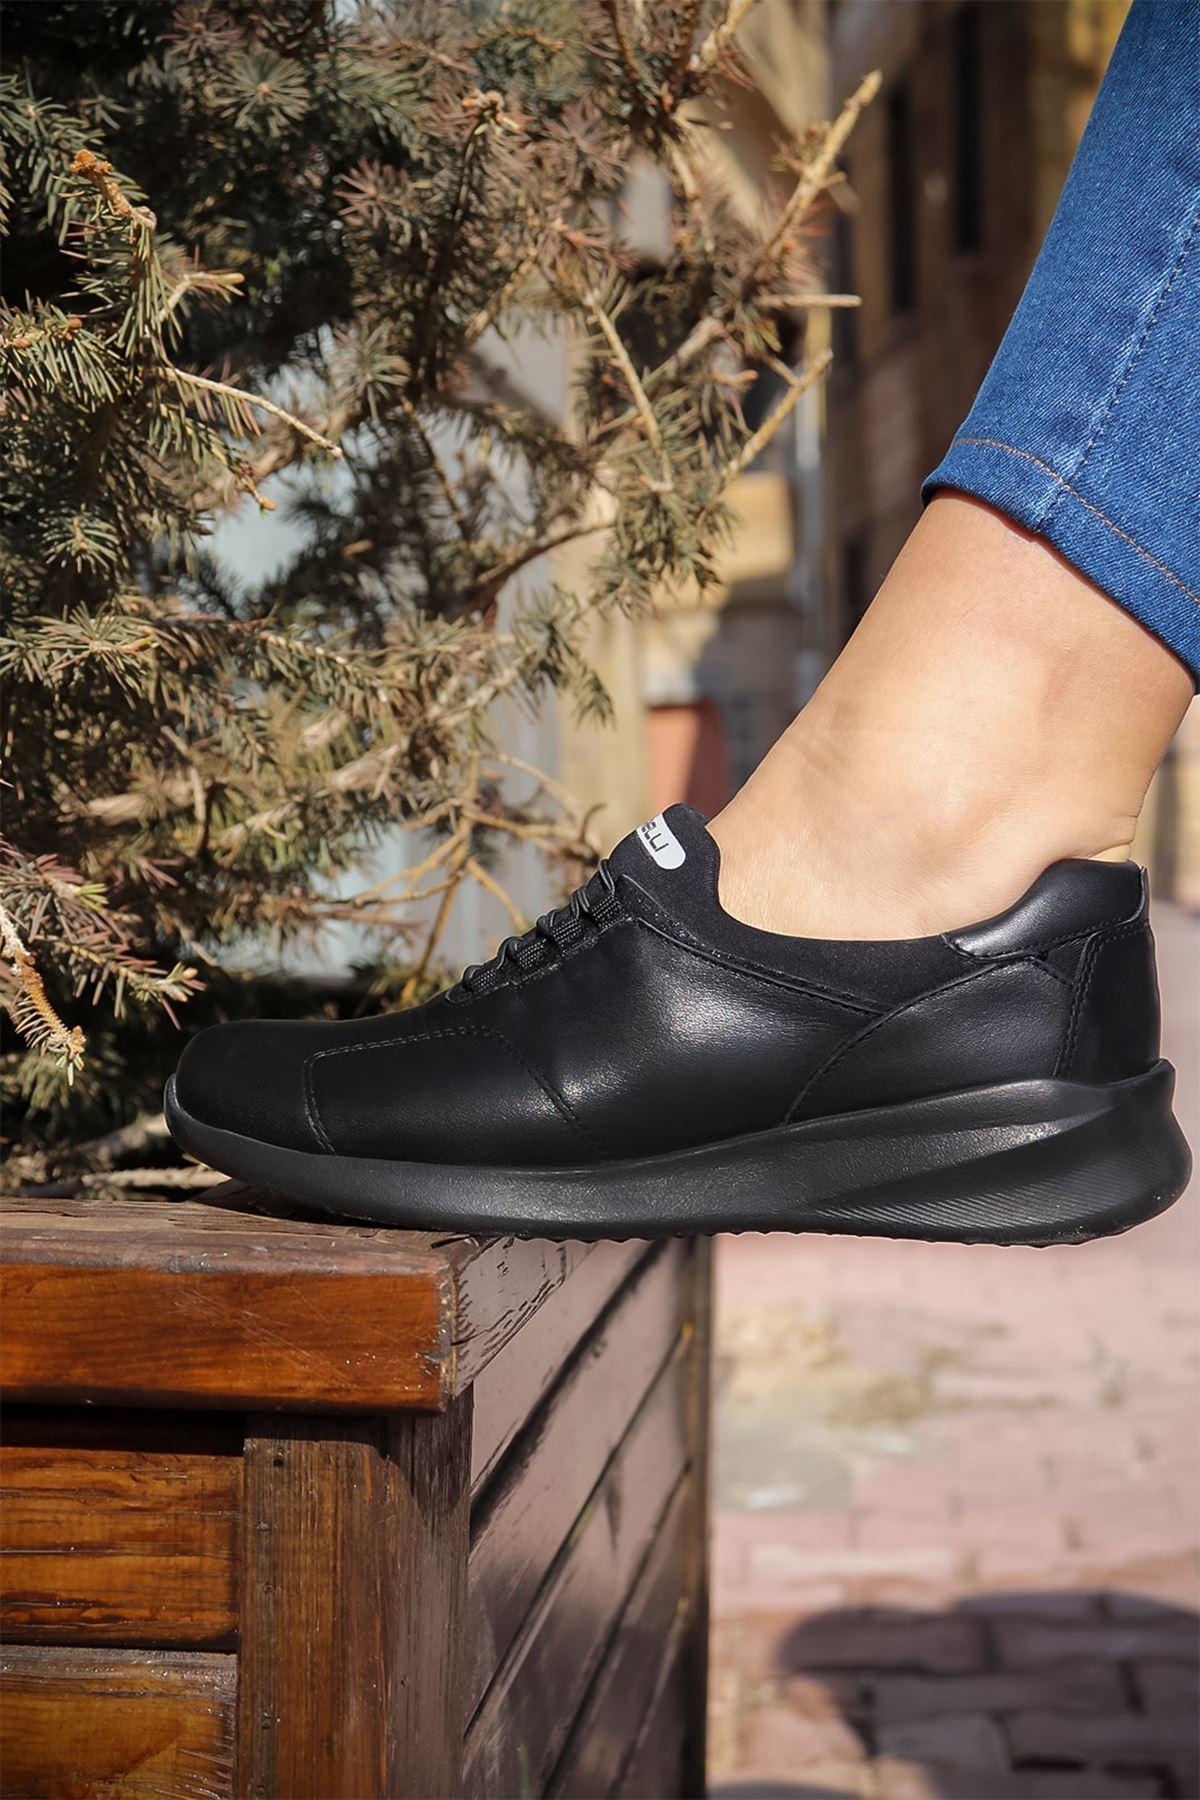 Forelli - 54501 Siyah Ortopedik Kadın Ayakkabısı